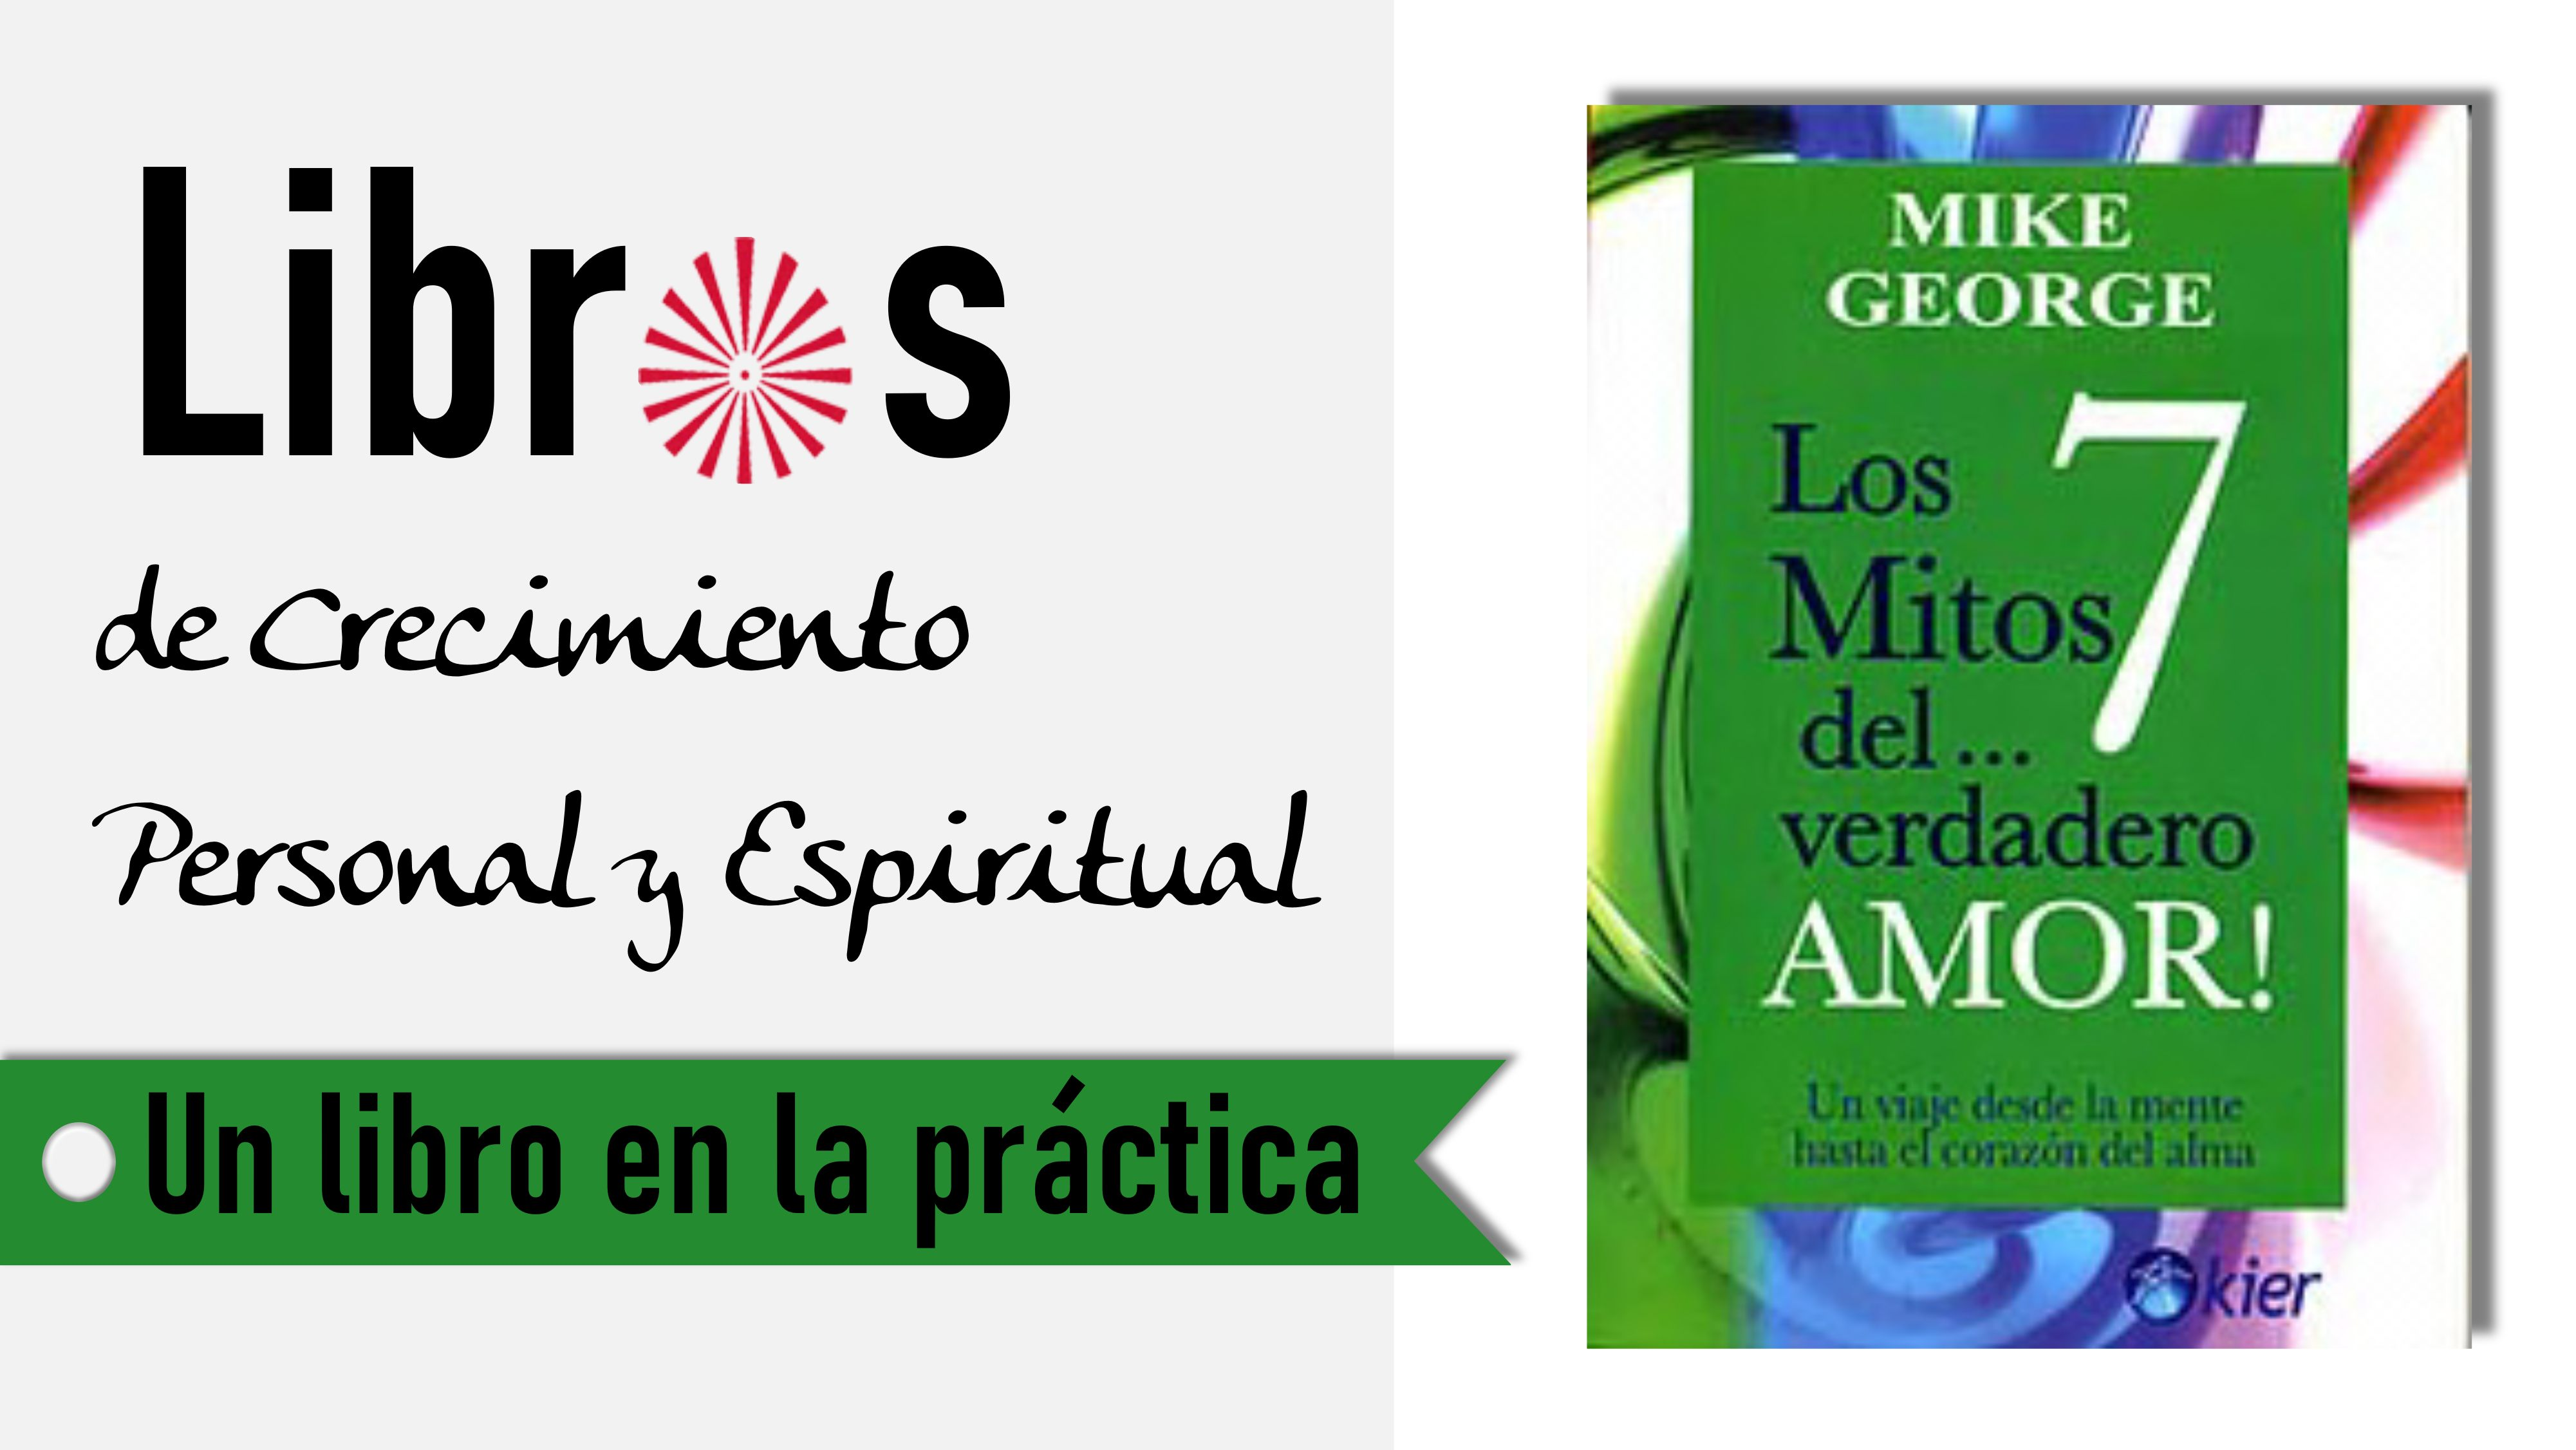 Un libro en la práctica: Los 7 mitos del verdadero amor (15 Septiembre 2020) On-line desde Barcelona